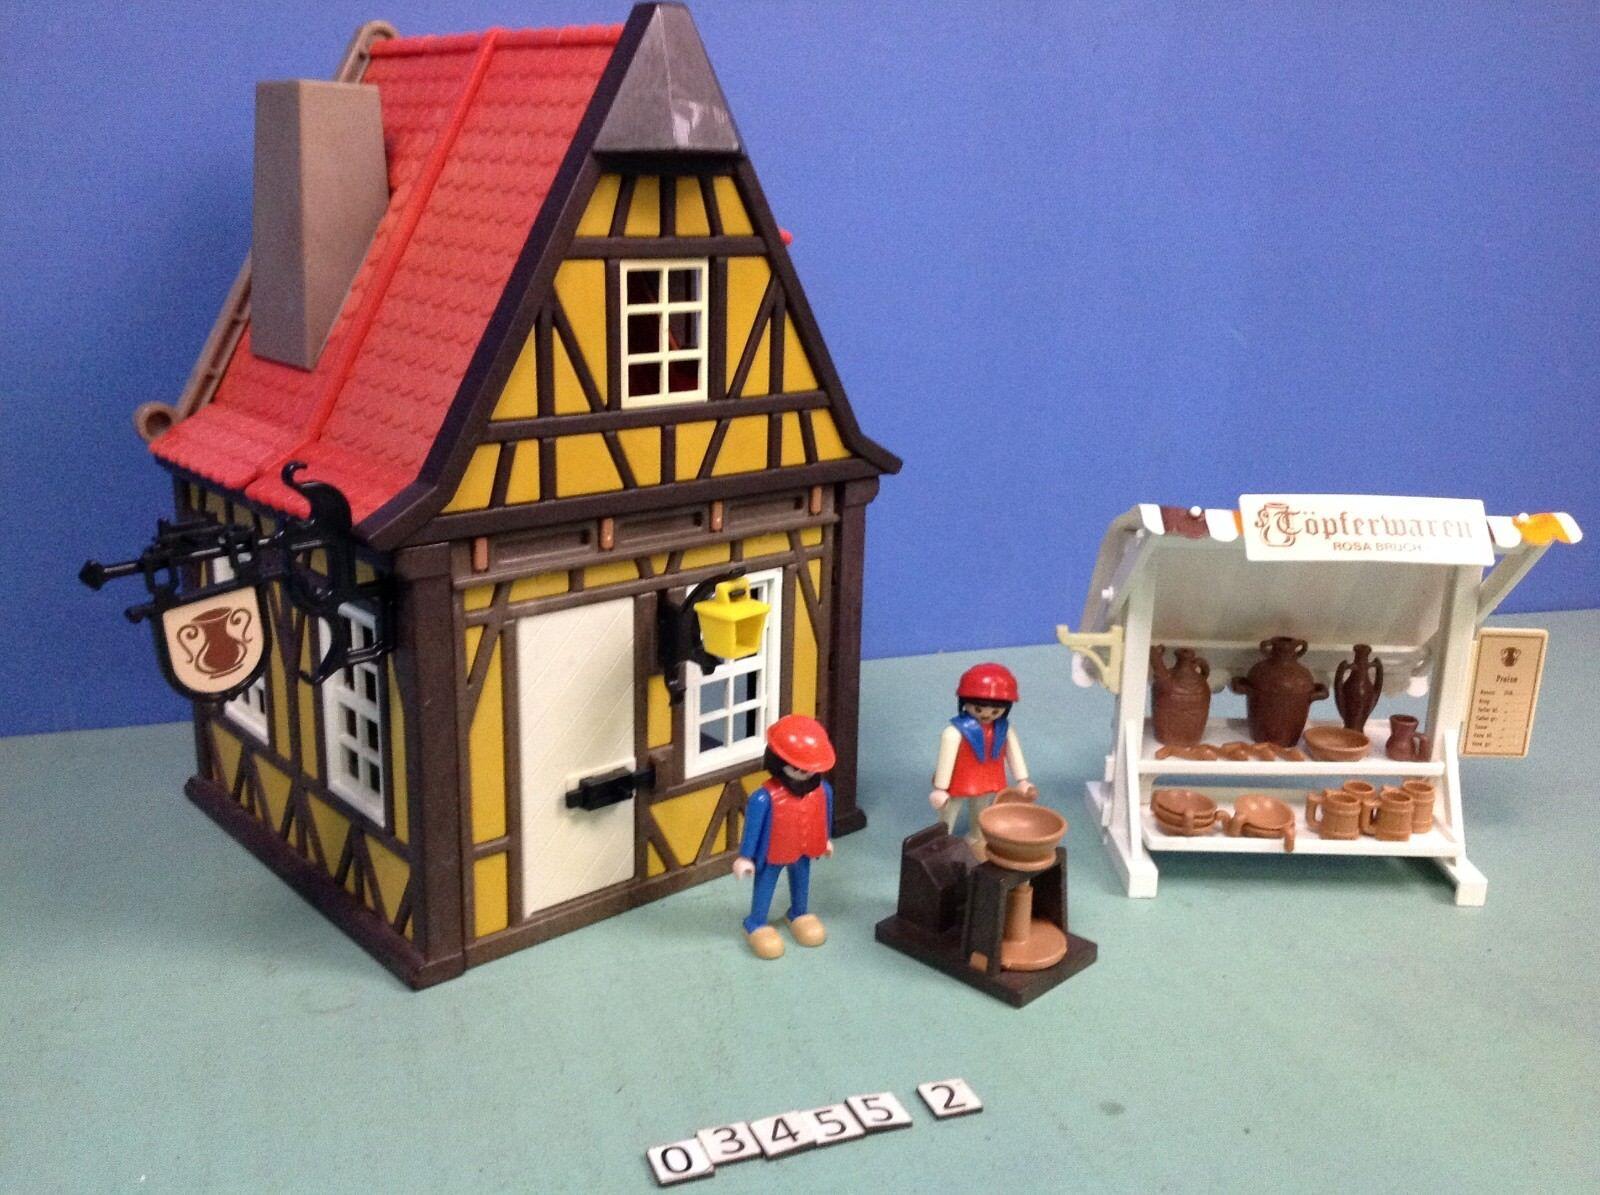 (O3455.2) playmobil Le potier  médiéval ref 3455 année 82 - 93 cplt  offerta speciale